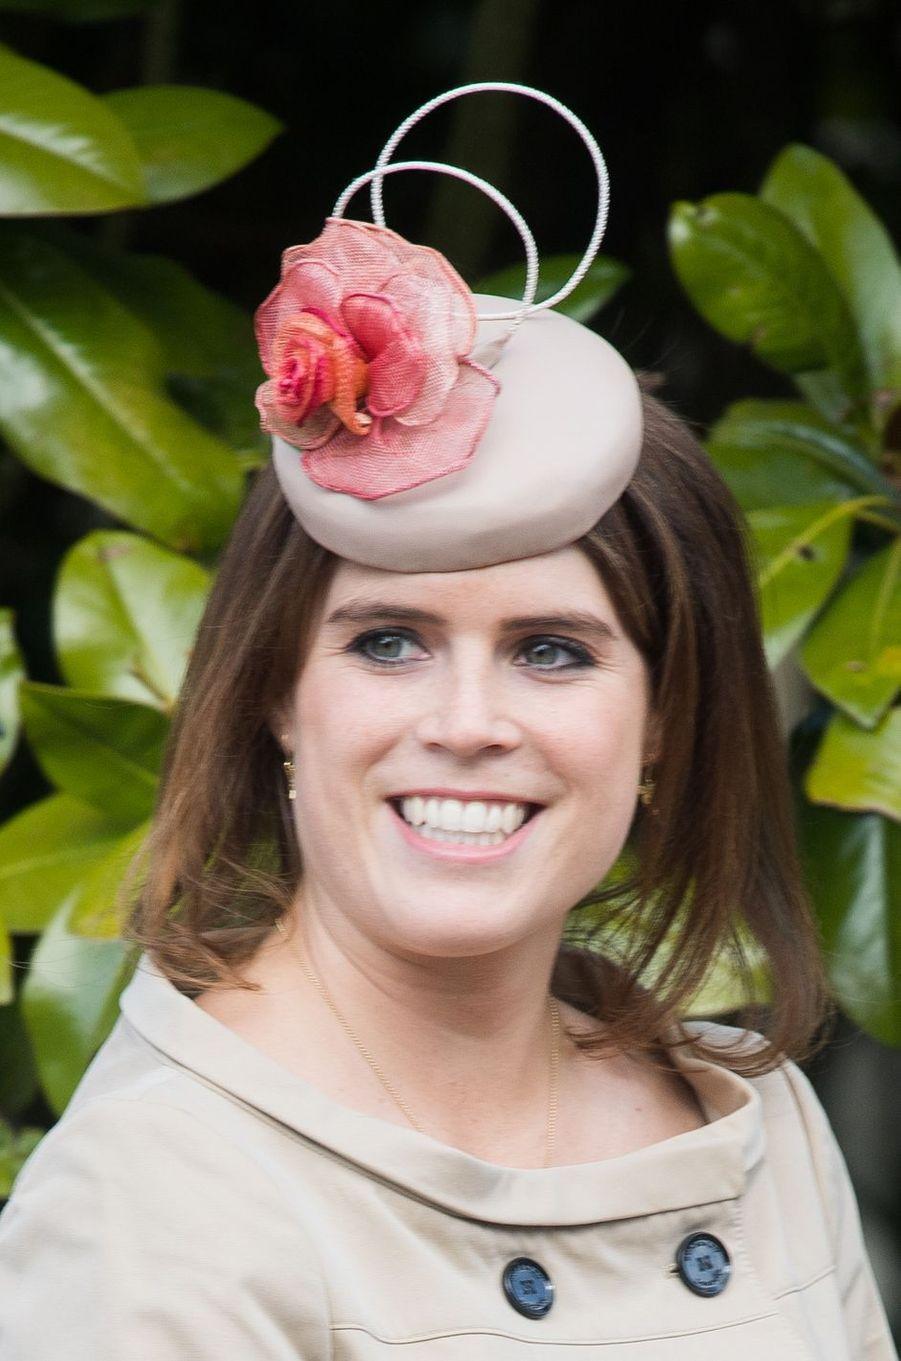 Le chapeau de la princesse Eugenie d'York, le 16 avril 2017